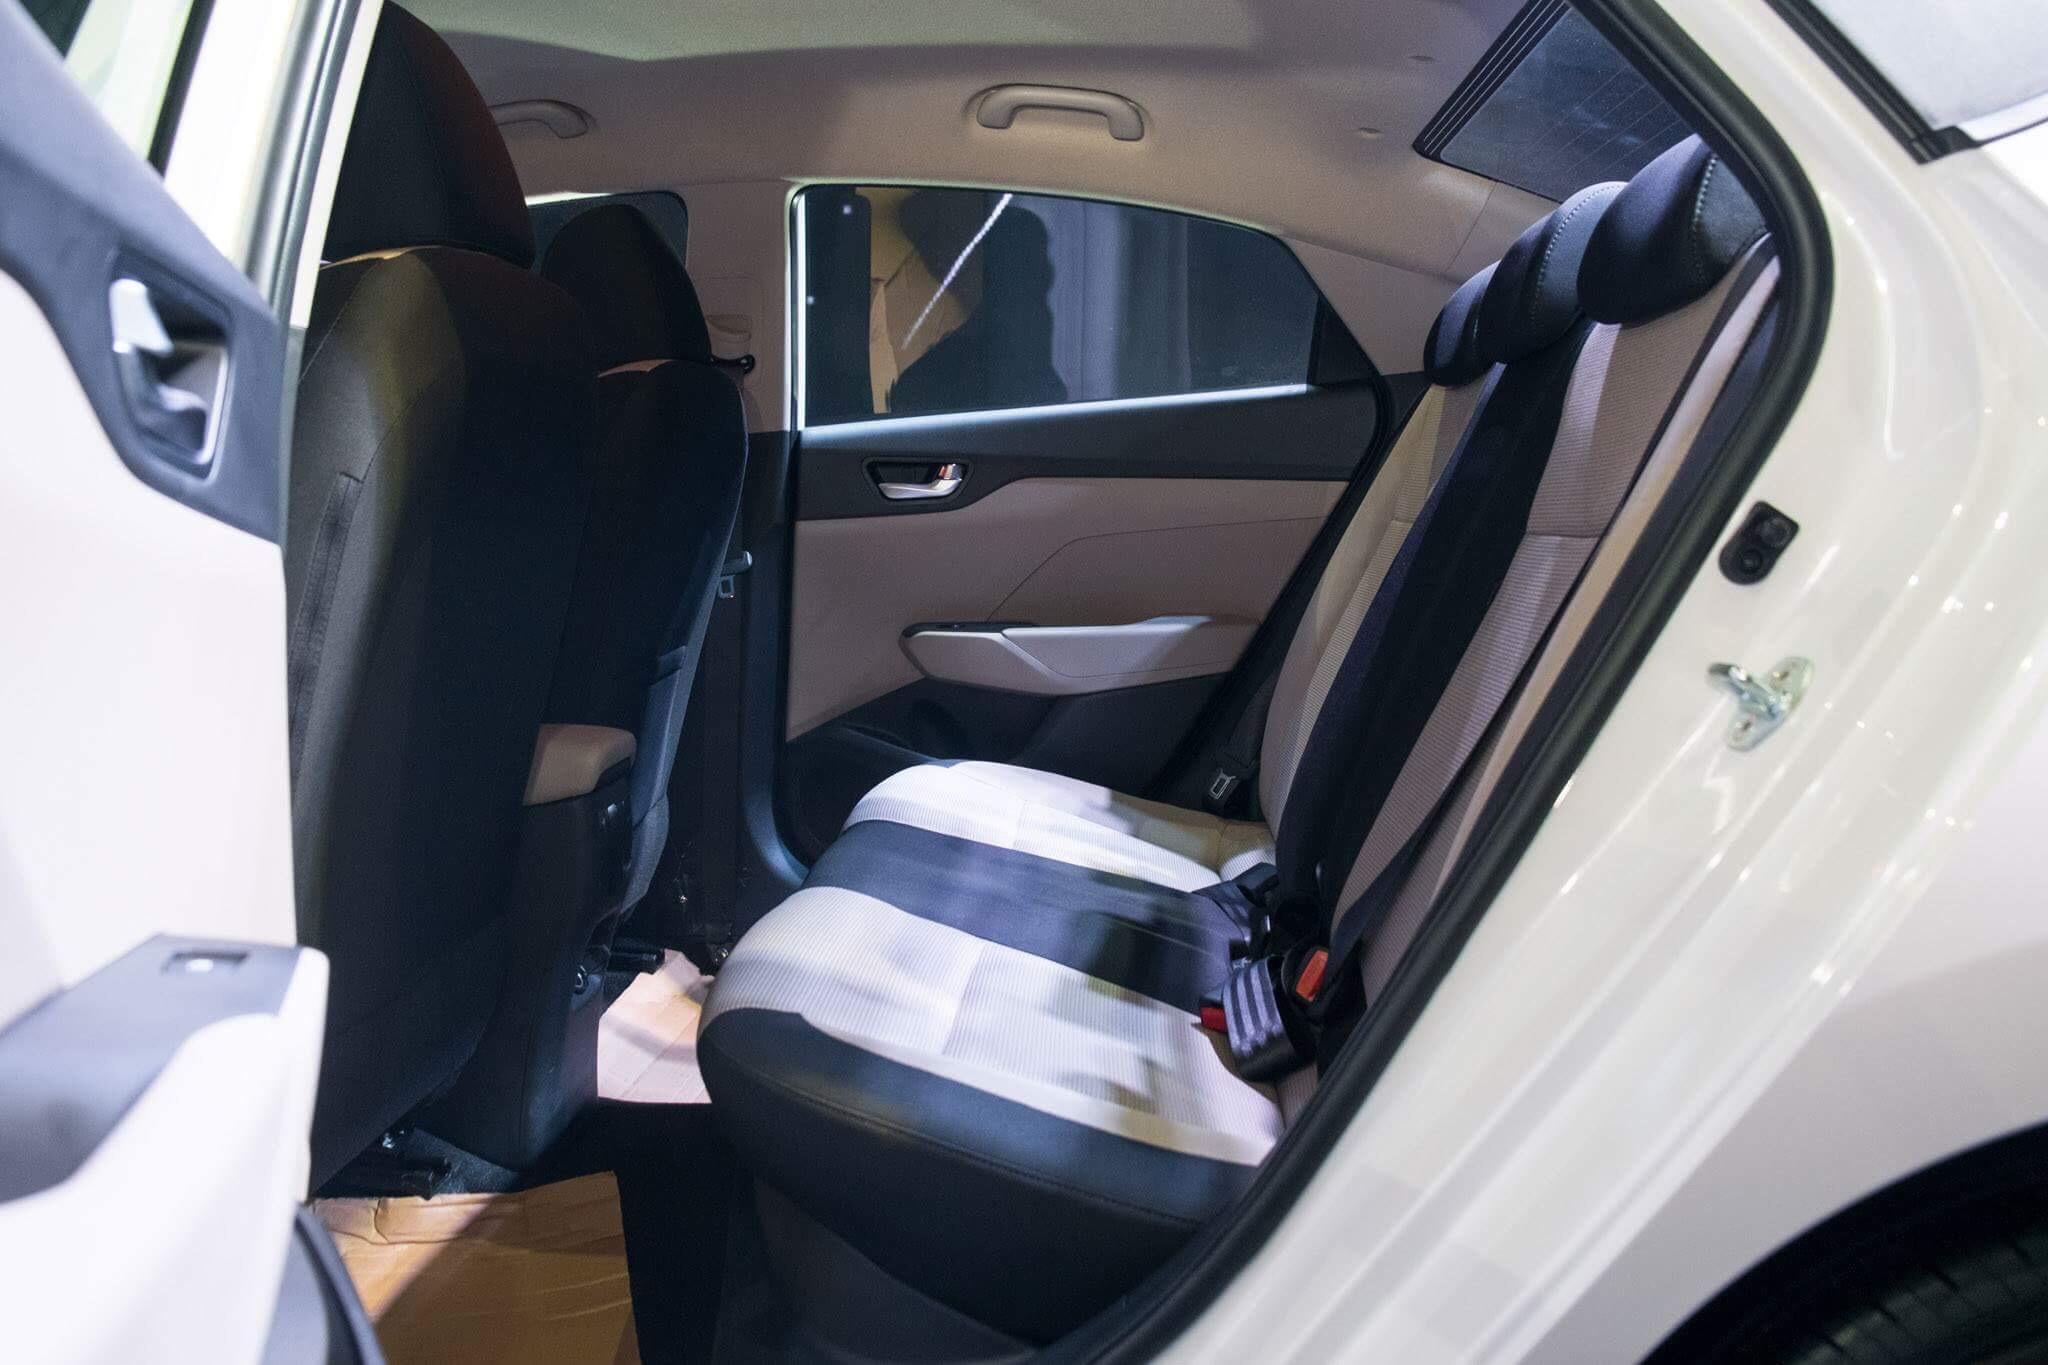 Hyundai accent anh 37 - Hyundai Accent mới: giá xe và khuyến mãi tháng [hienthithang]/[hienthinam]